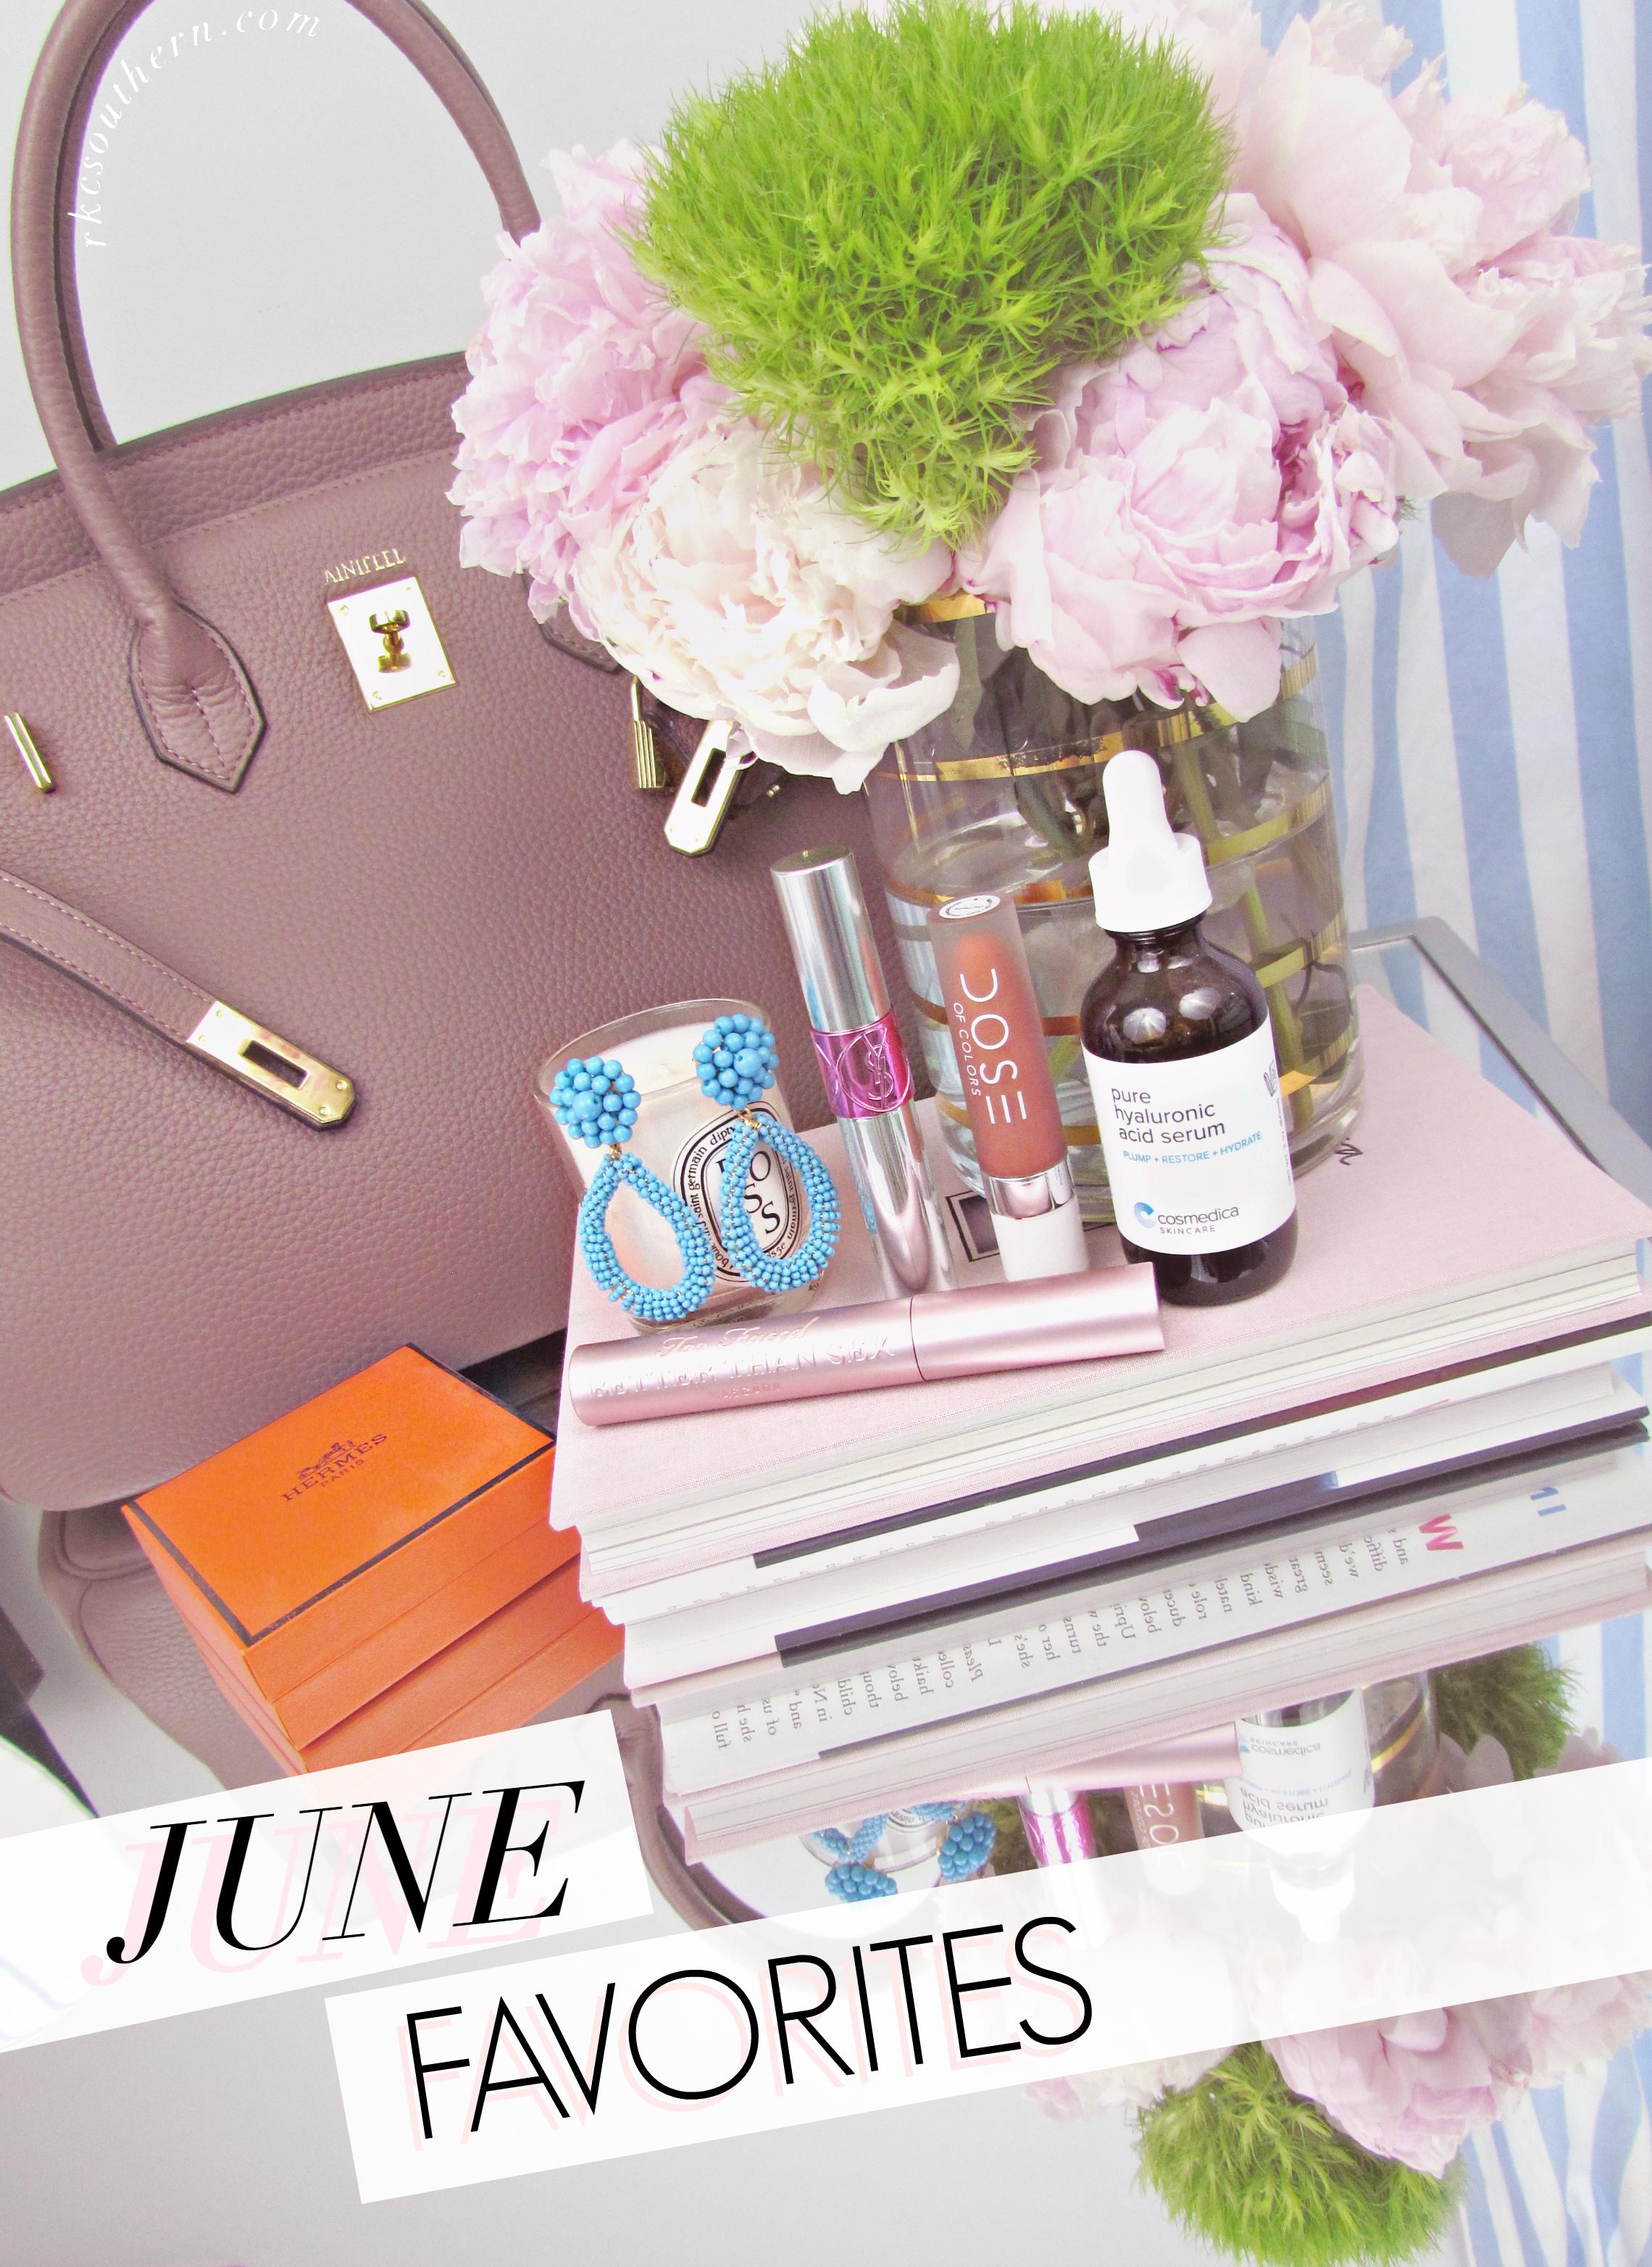 Rachel's June Favorites Round-Up